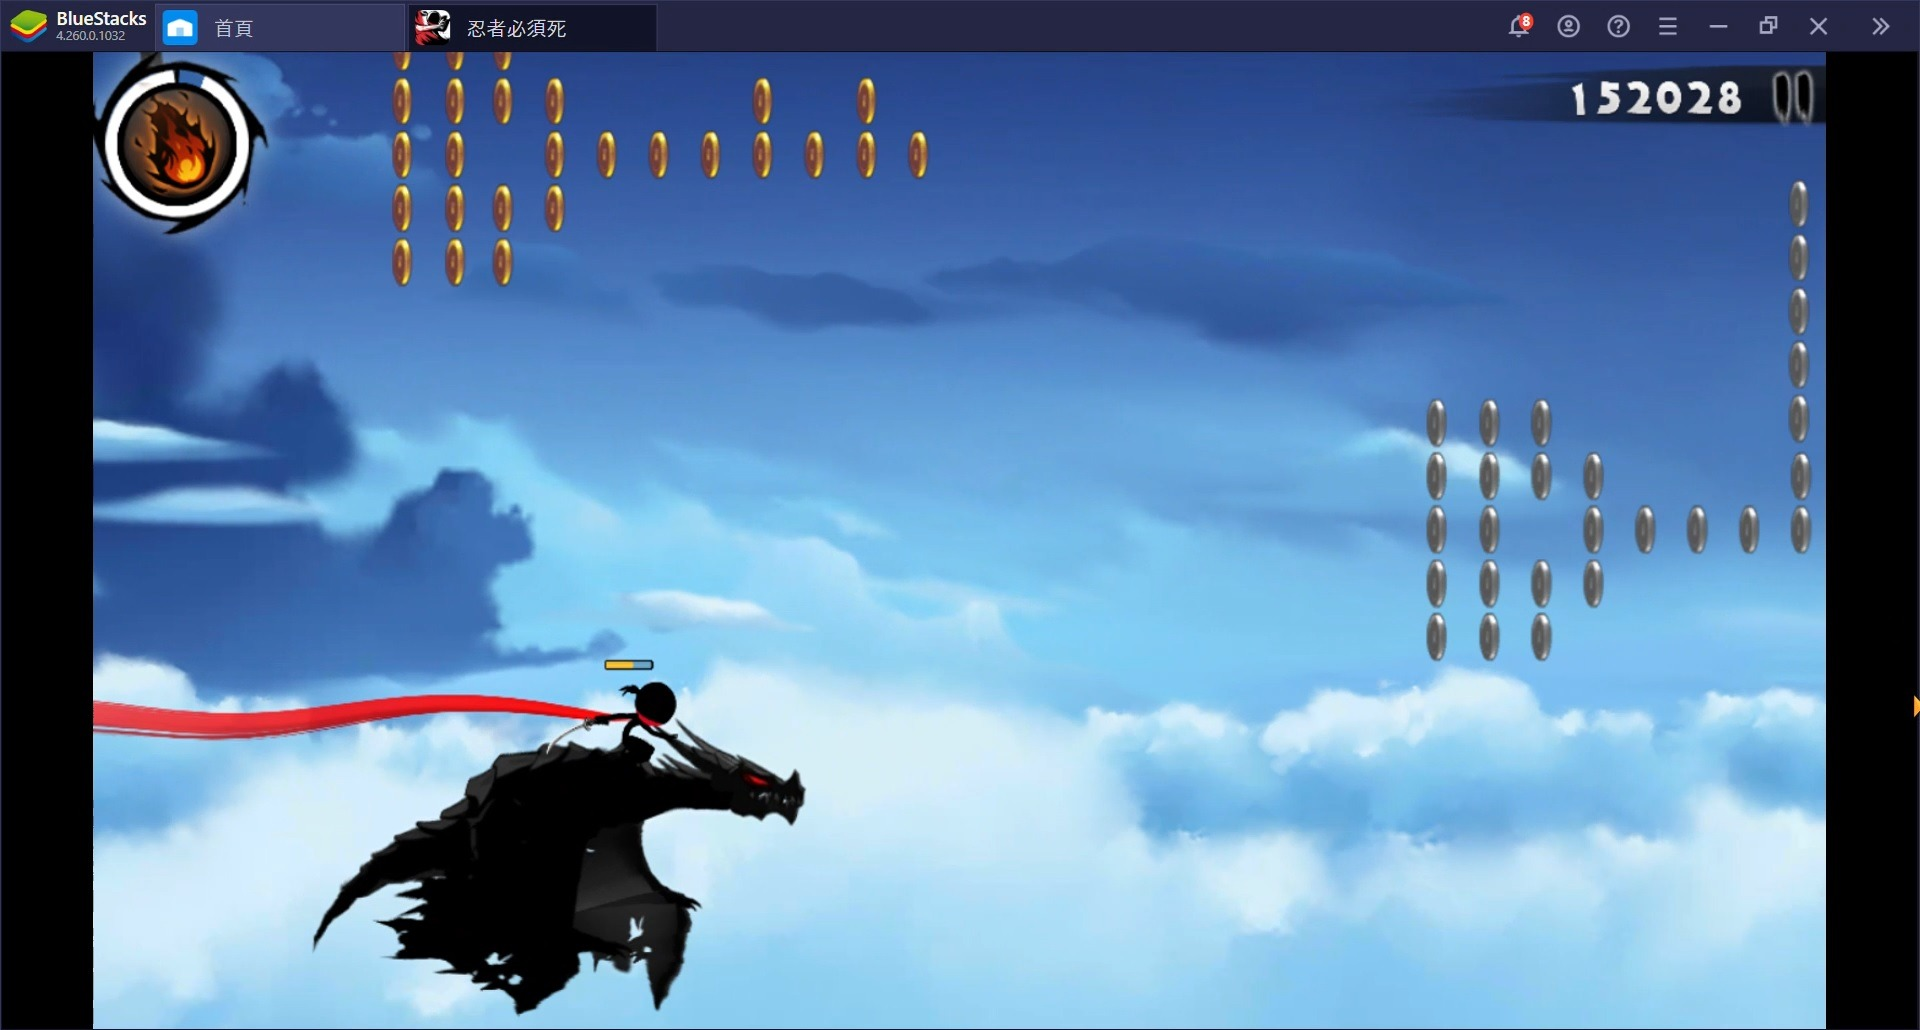 使用BlueStacks在PC上體驗戰鬥跑酷手機遊戲《忍者必須死》